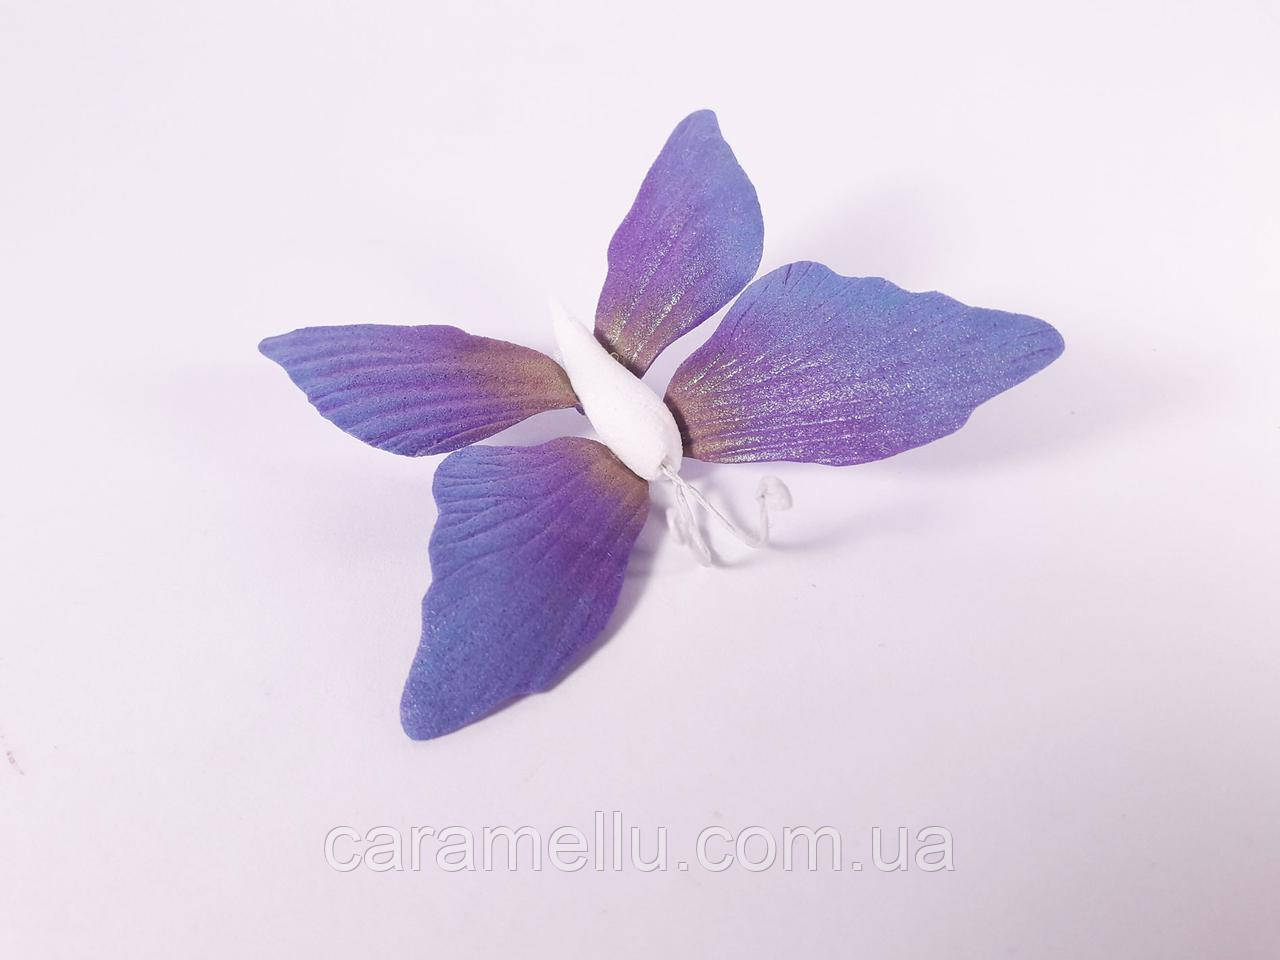 Бабочка из фоамирана Caramellu 6см. Темно-сиреневый с голубым